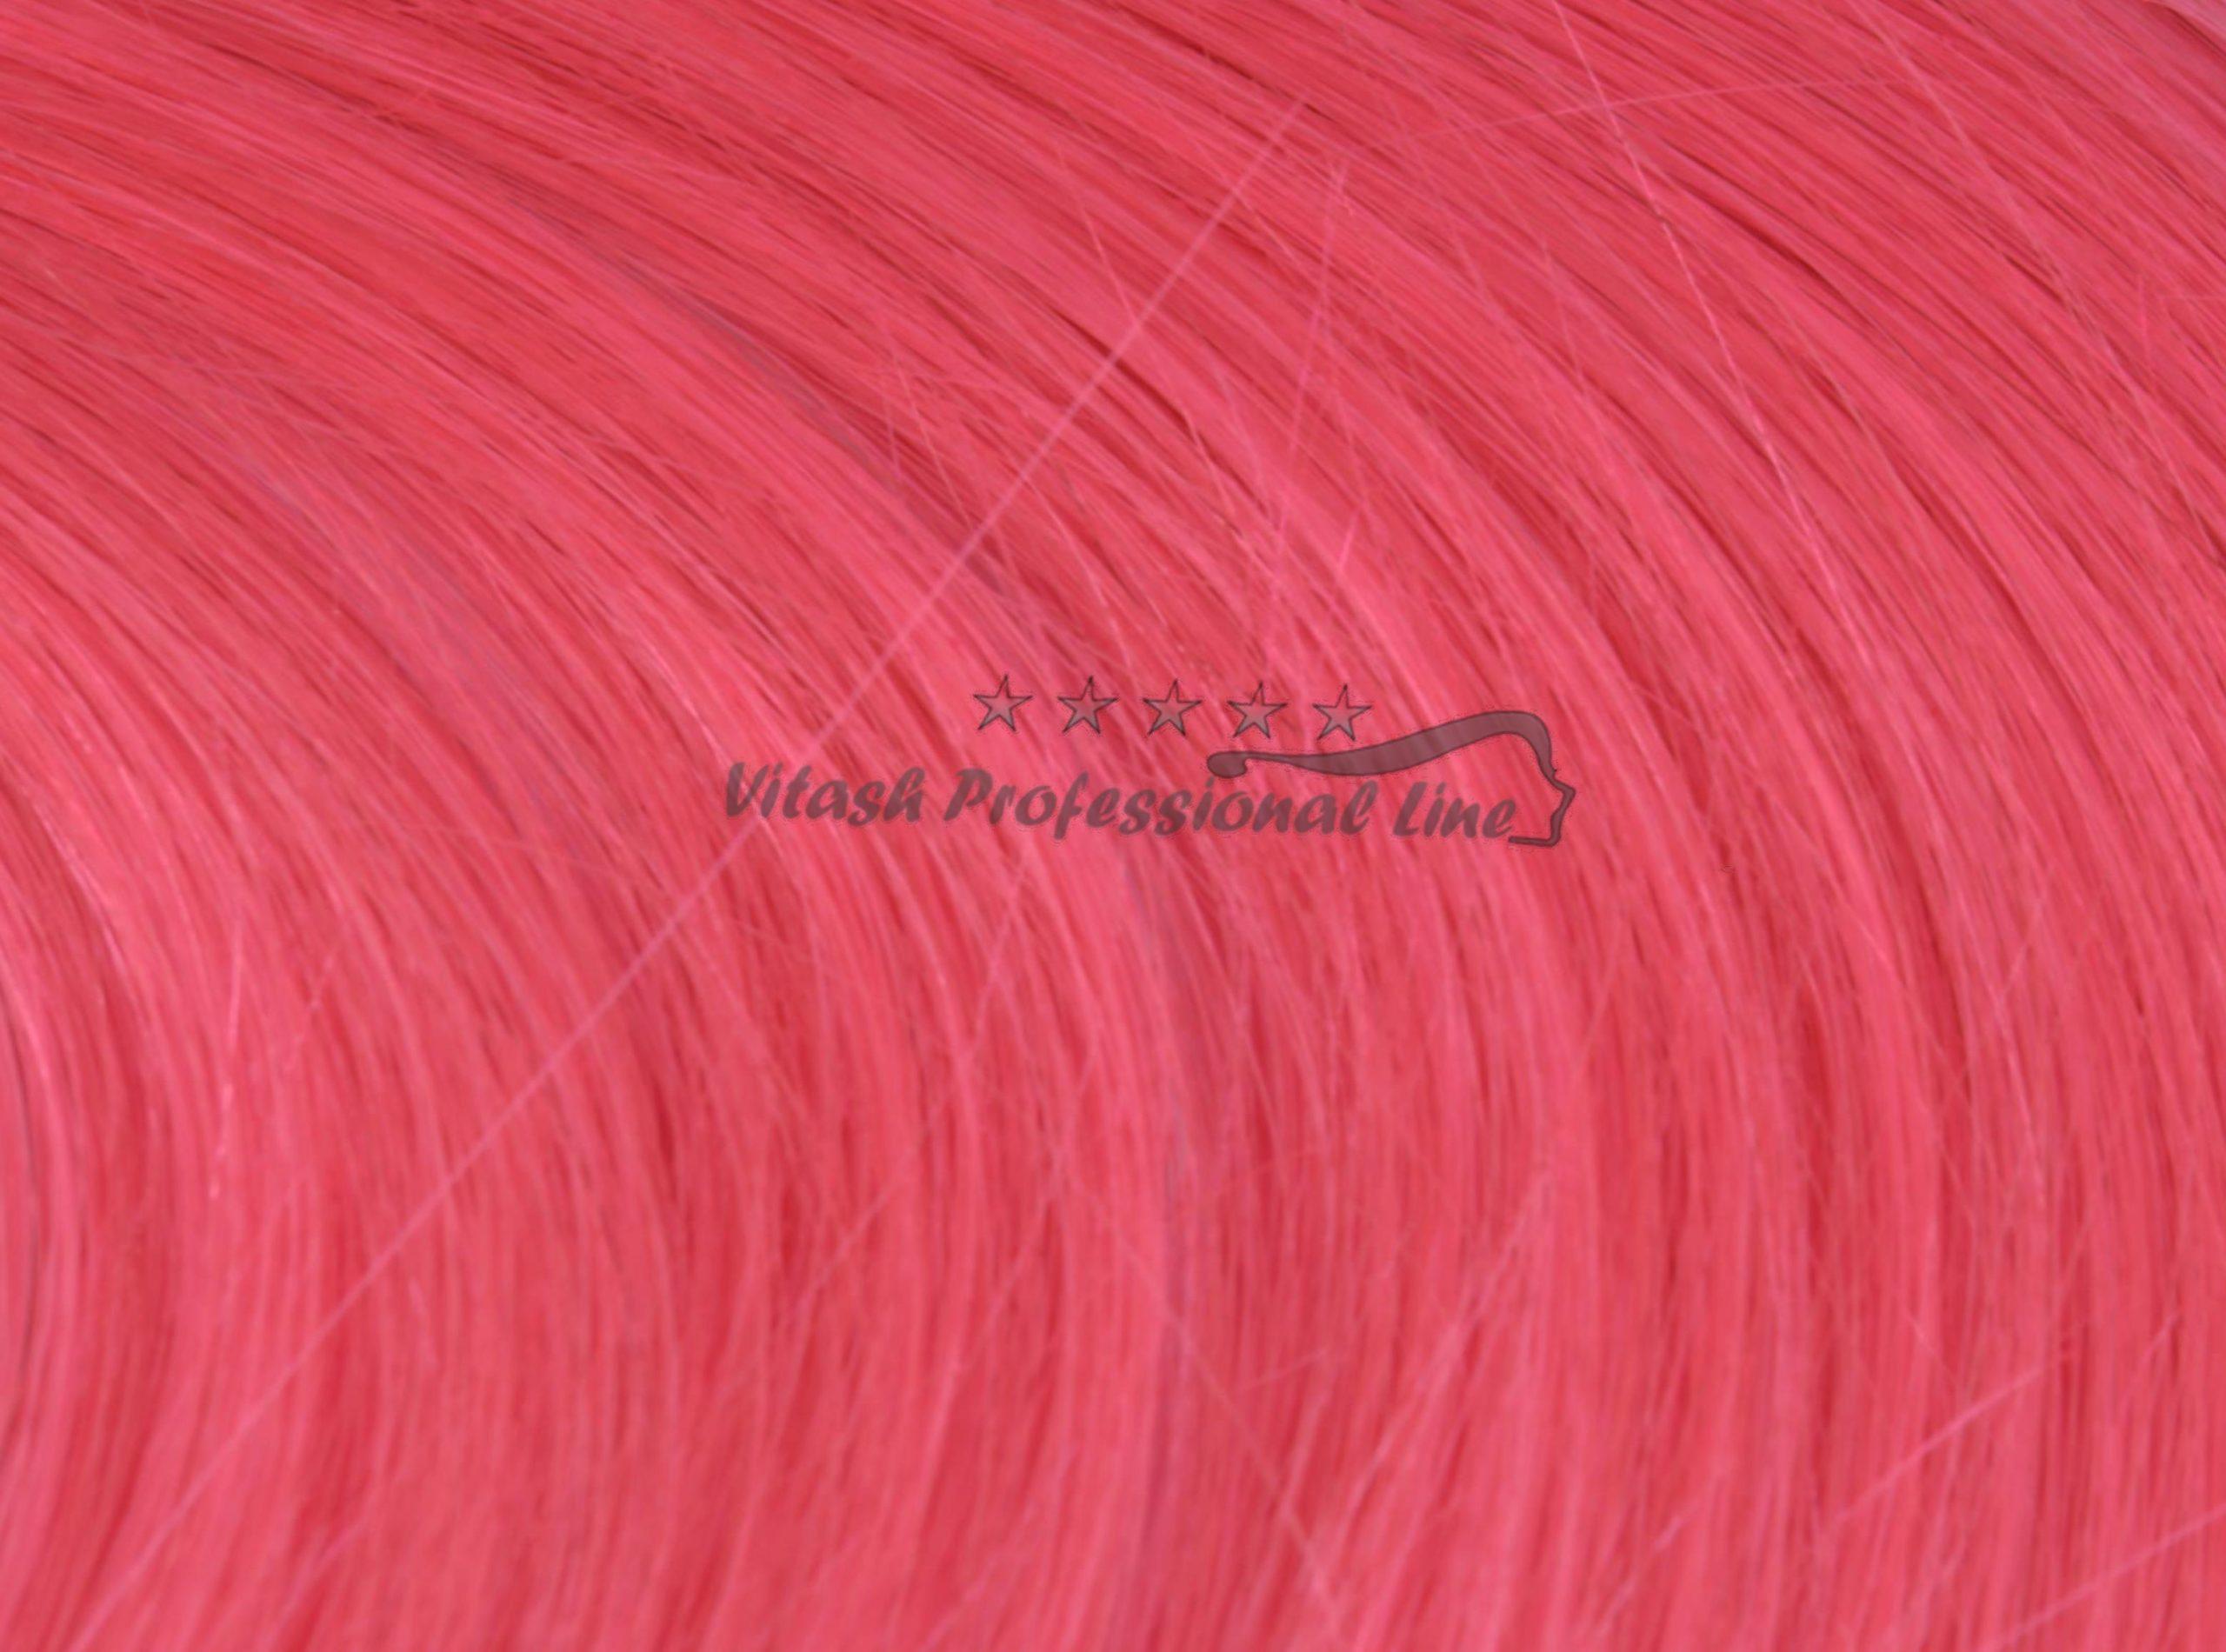 25 REMY indische Echthaar Strähnen - 1 Gramm pro Strähne # pink